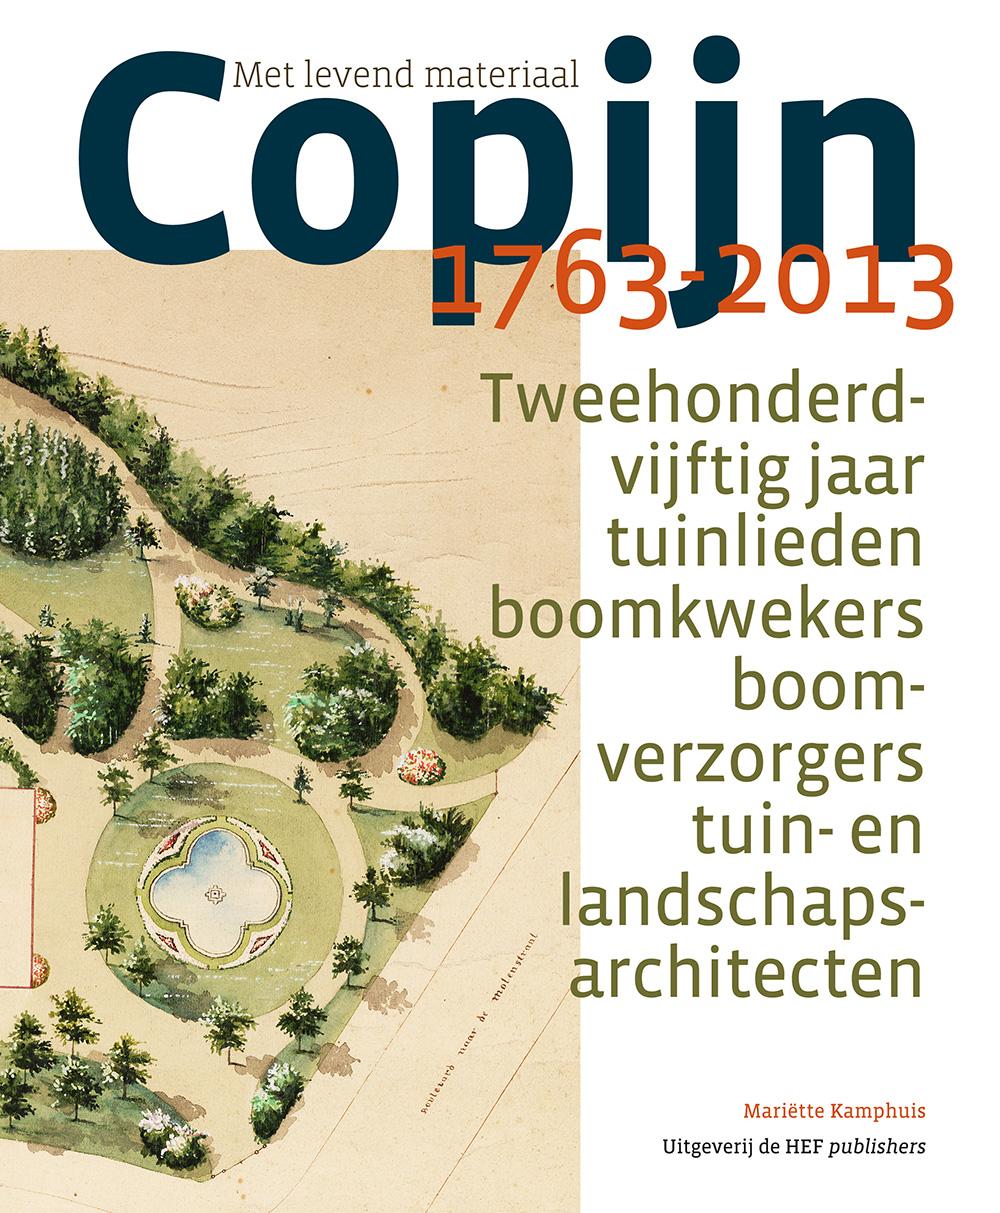 CoverCopijn